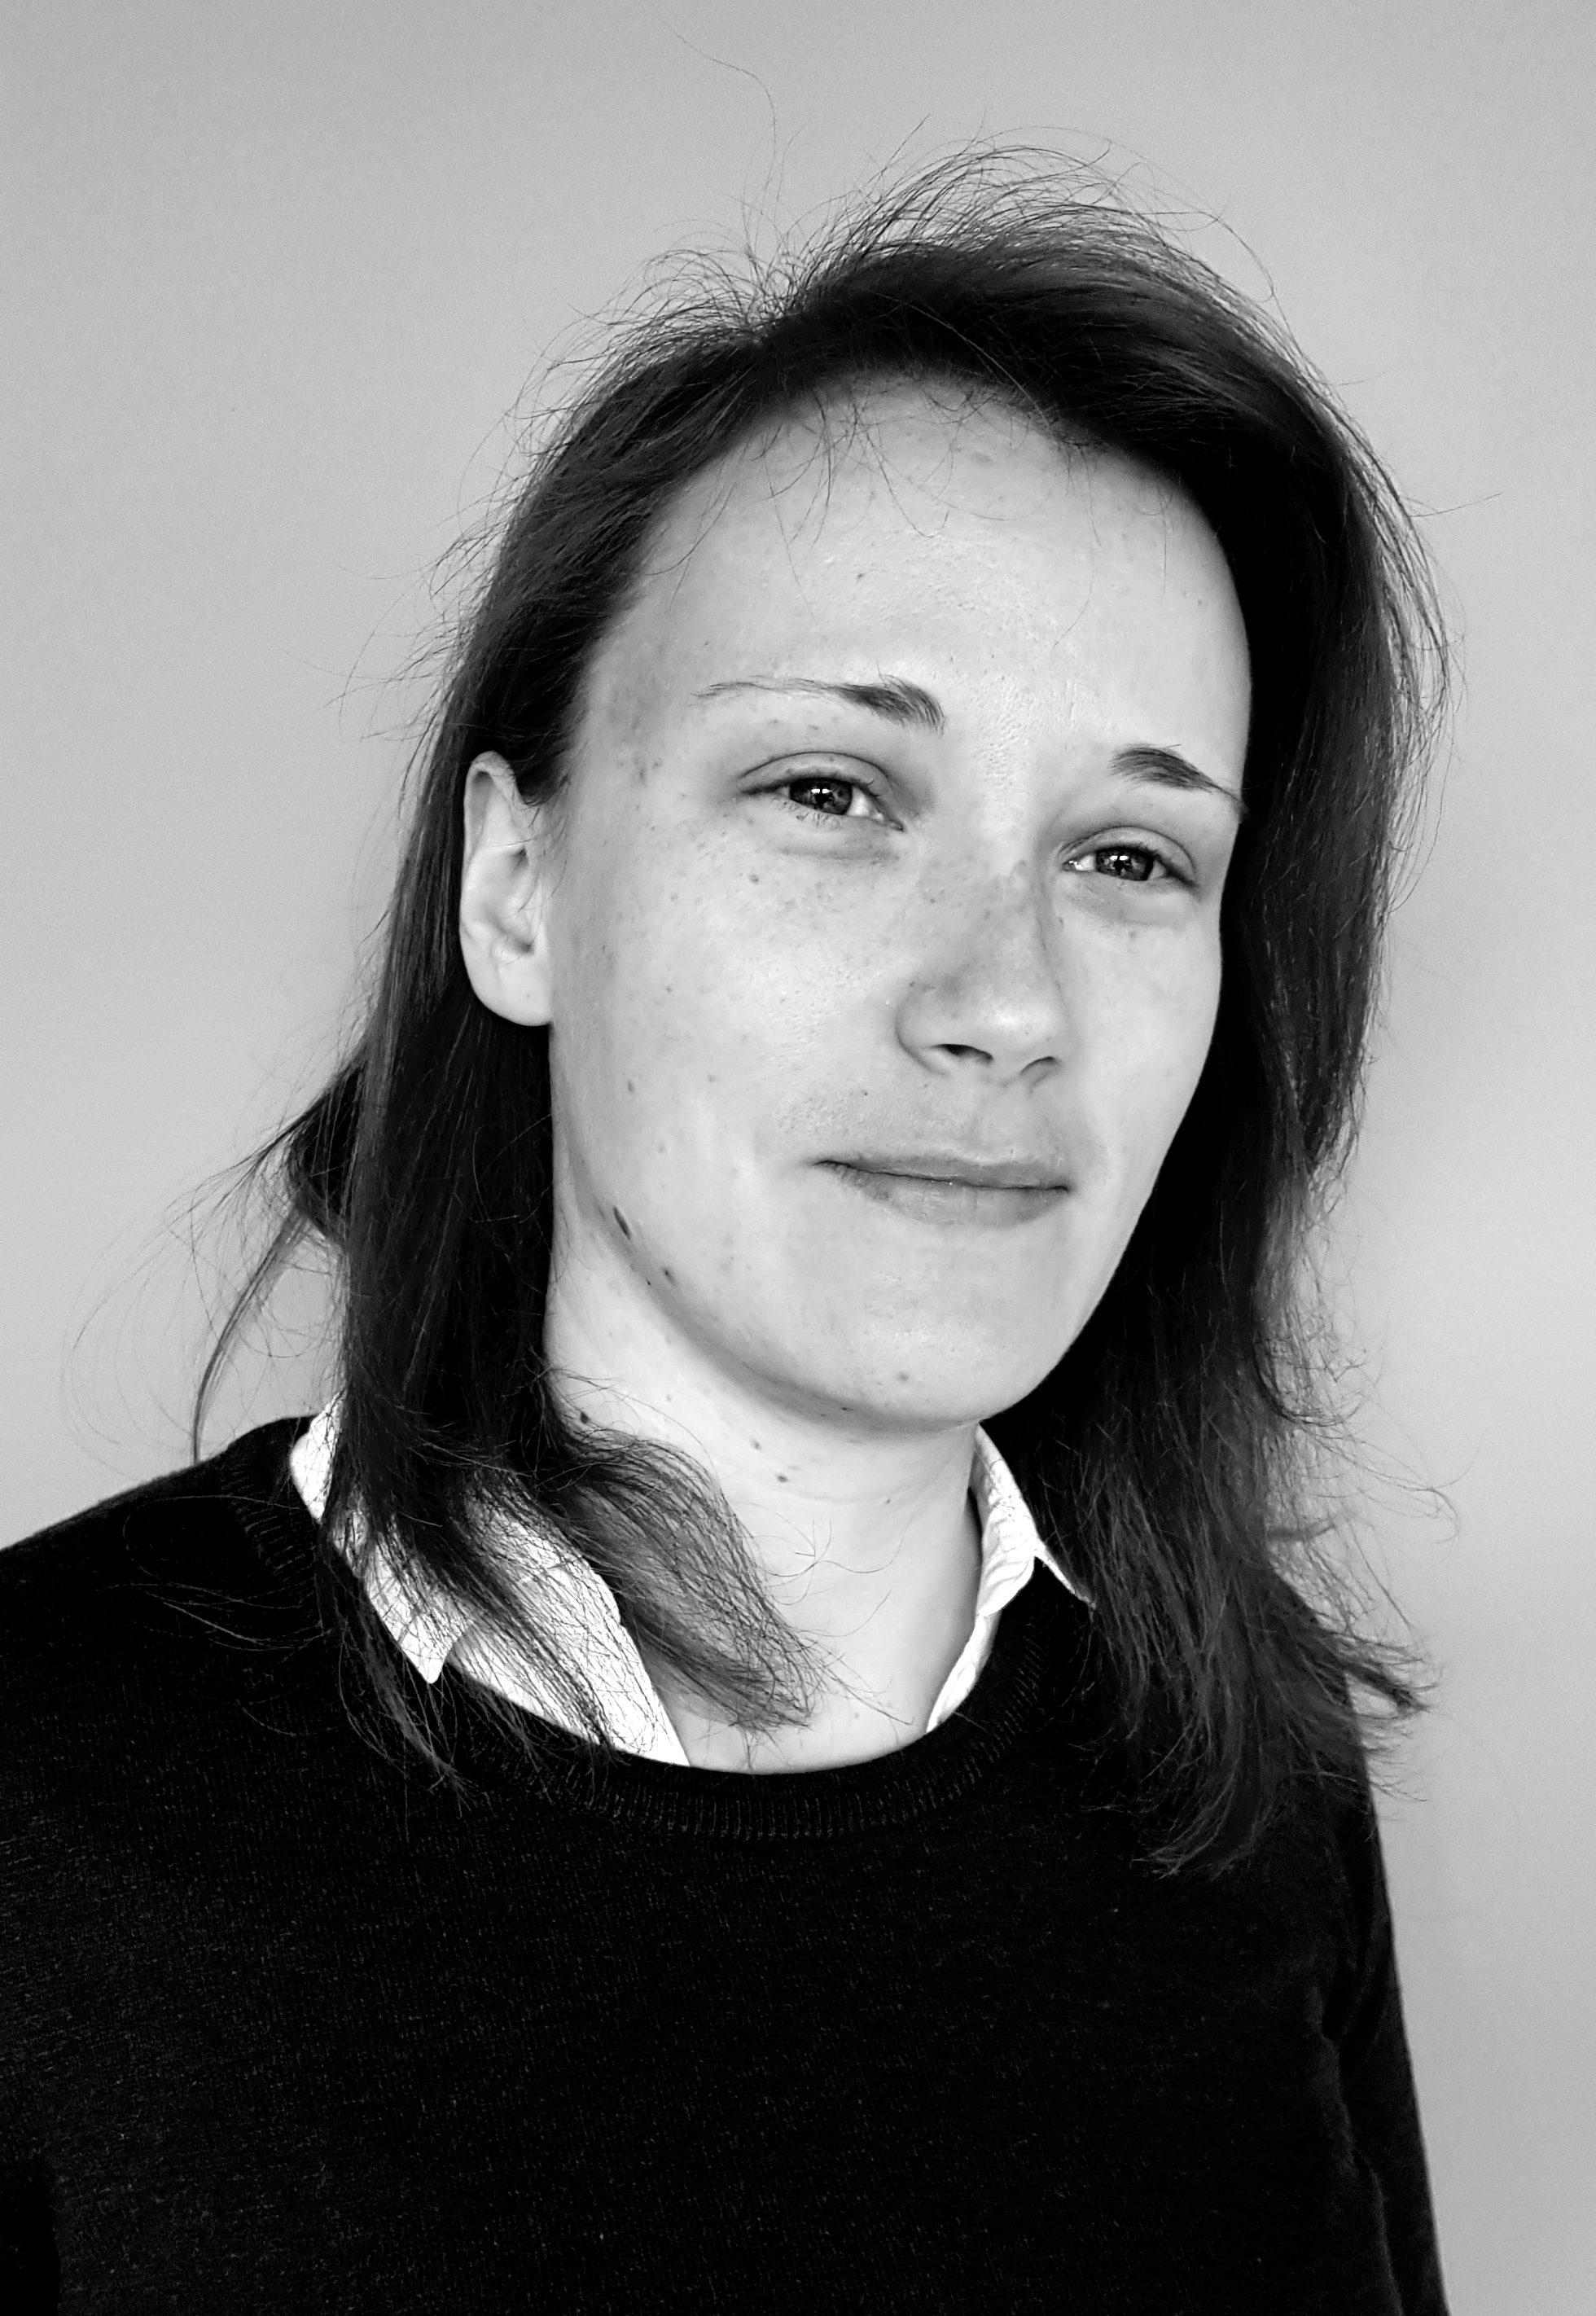 Anke Vankrunkelsven